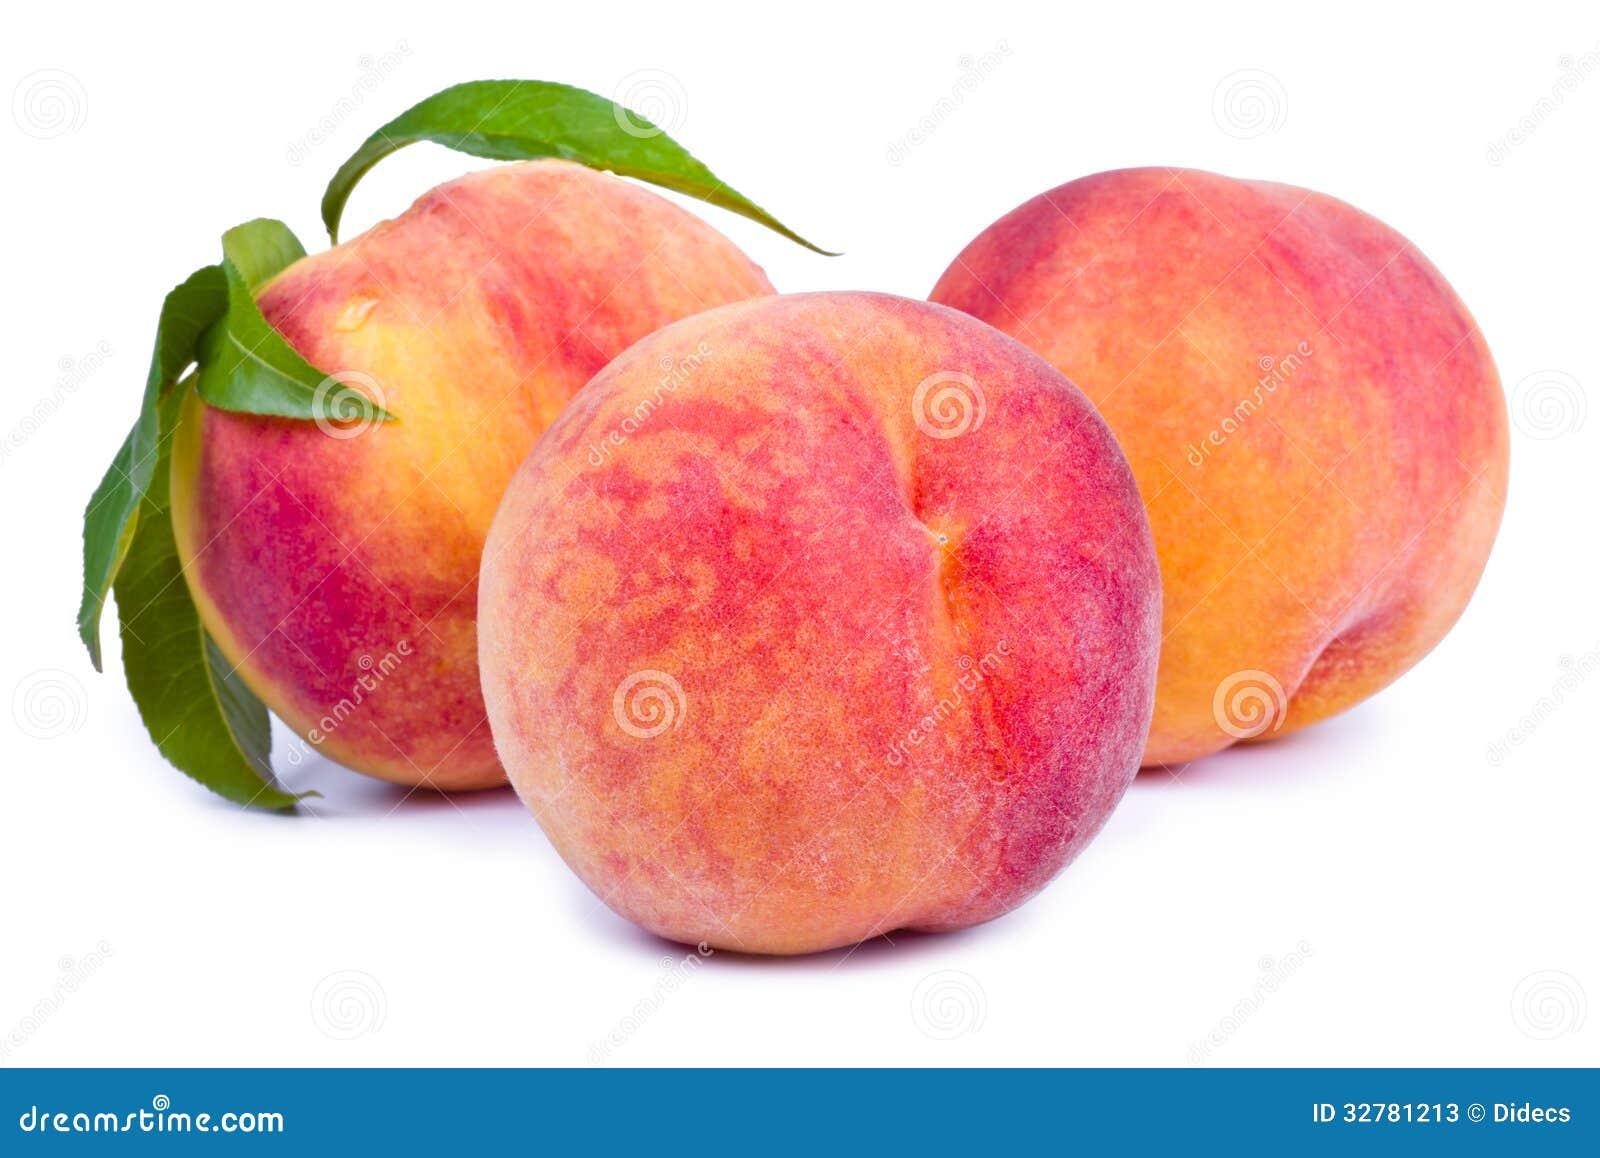 Fresh peach fruits with leaf